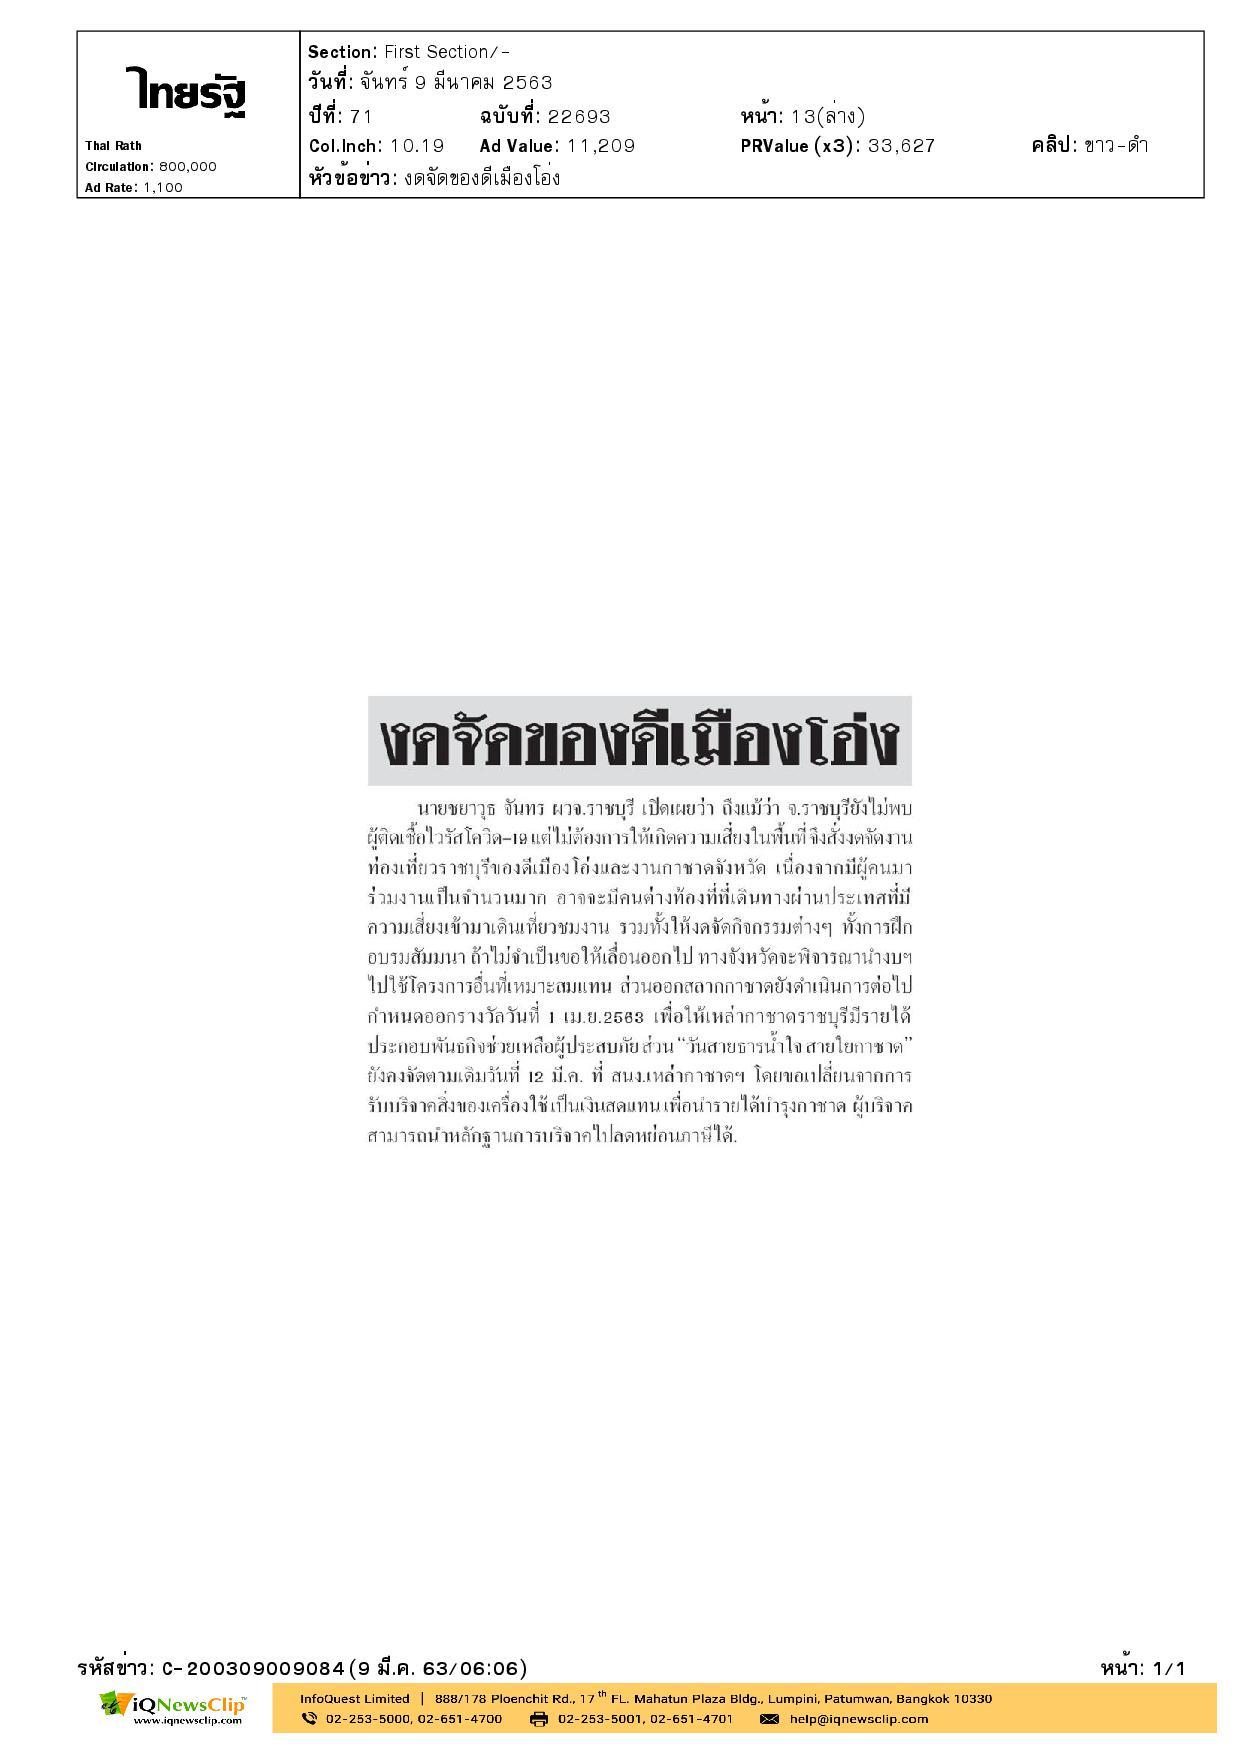 ประกาศงดจัดงานท่องเที่ยวราชบุรี